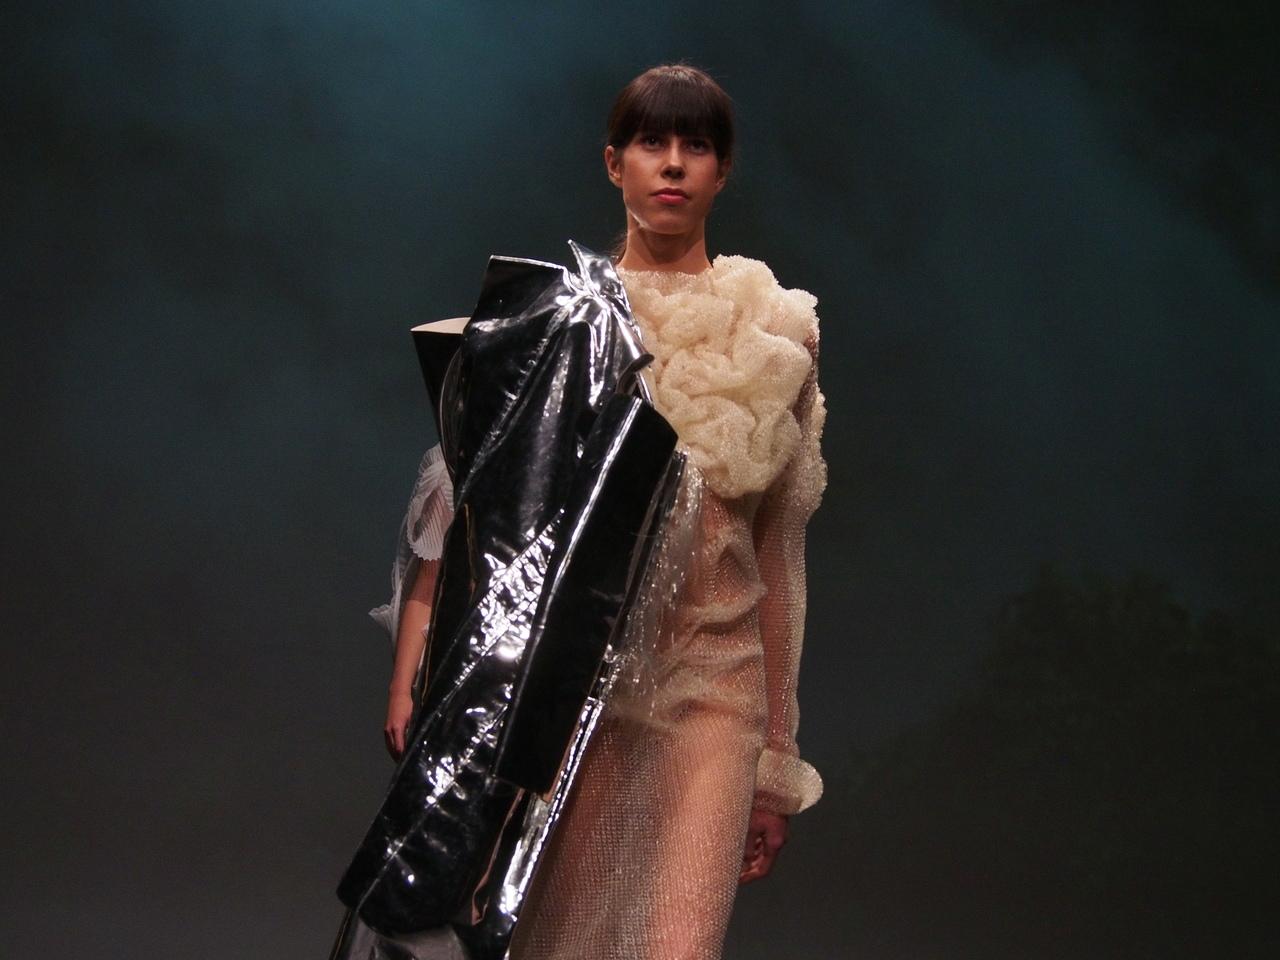 Moda jest eko. Ekologia jest w modzie Design pb182154 easy resize.com